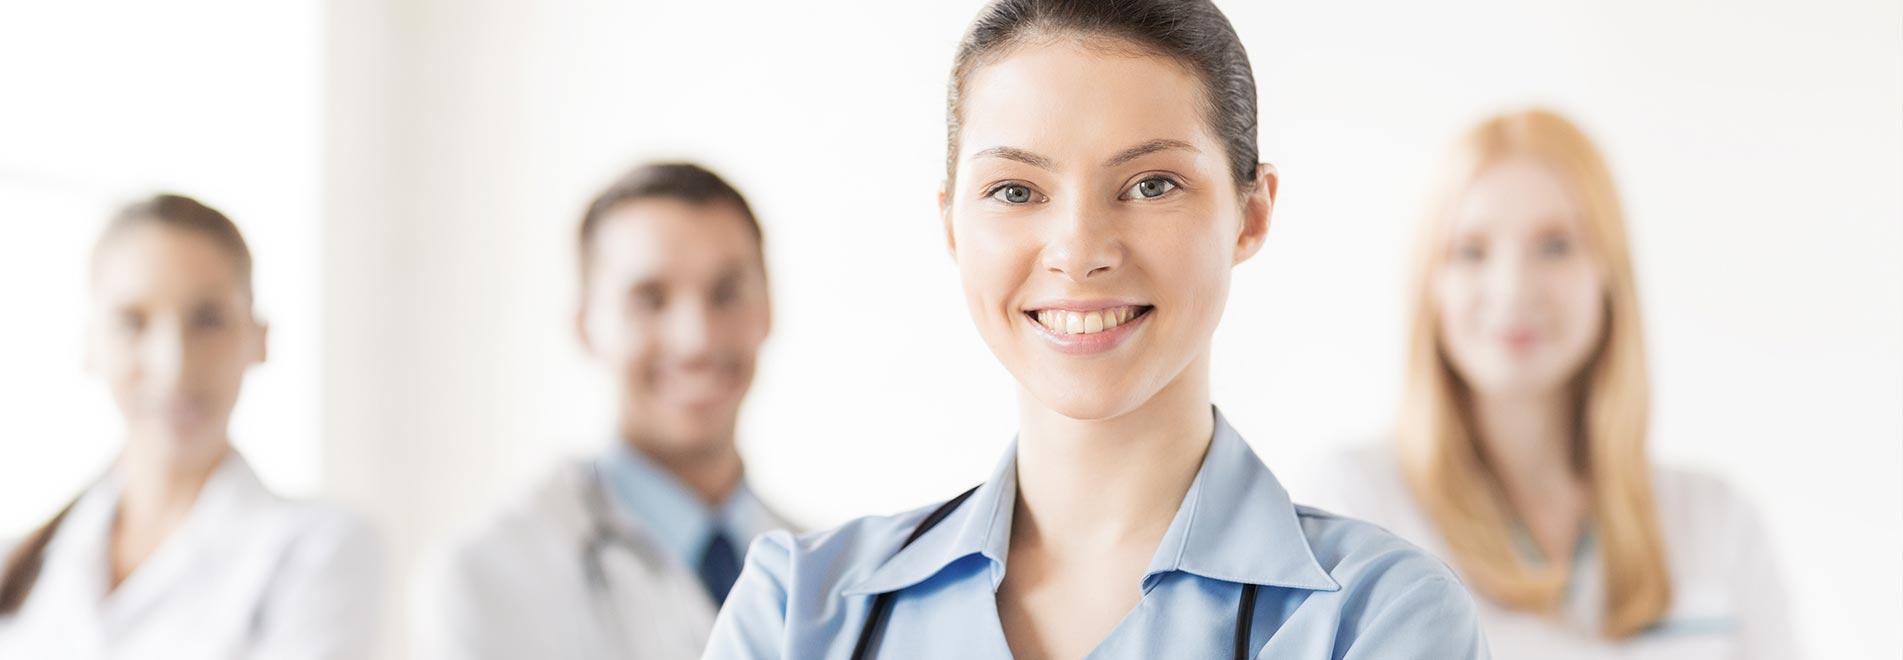 Zahntechnikerin und drei Zahnärzte in Hintergrund